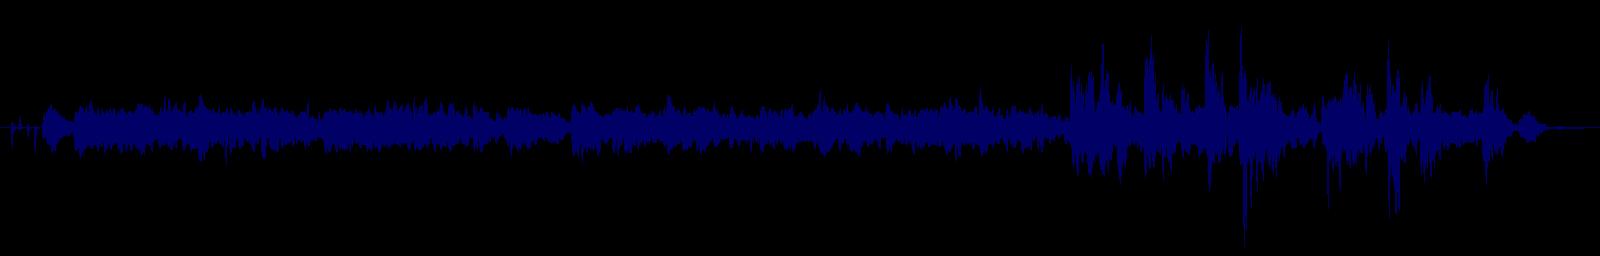 waveform of track #143456